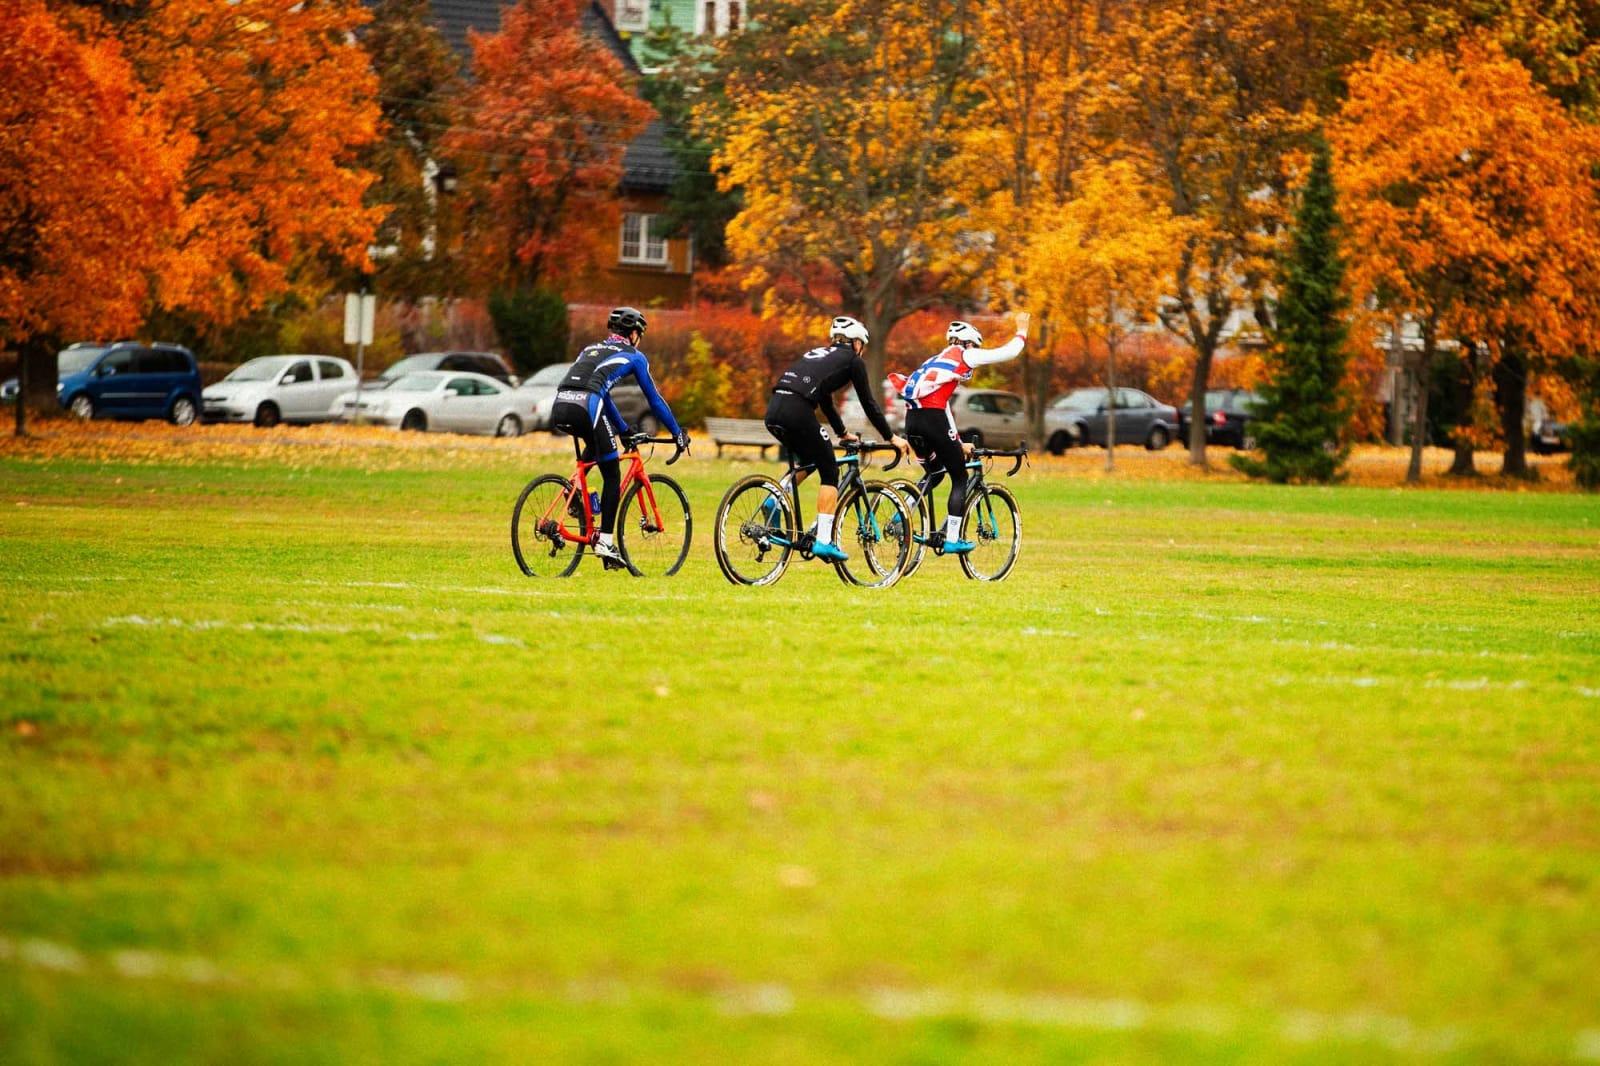 Etter premieutdeling er vi klare for å parkere syklene, både Anders, Martin (Siggerud) og jeg. Nå er det afterbike og bankett som gjelder.